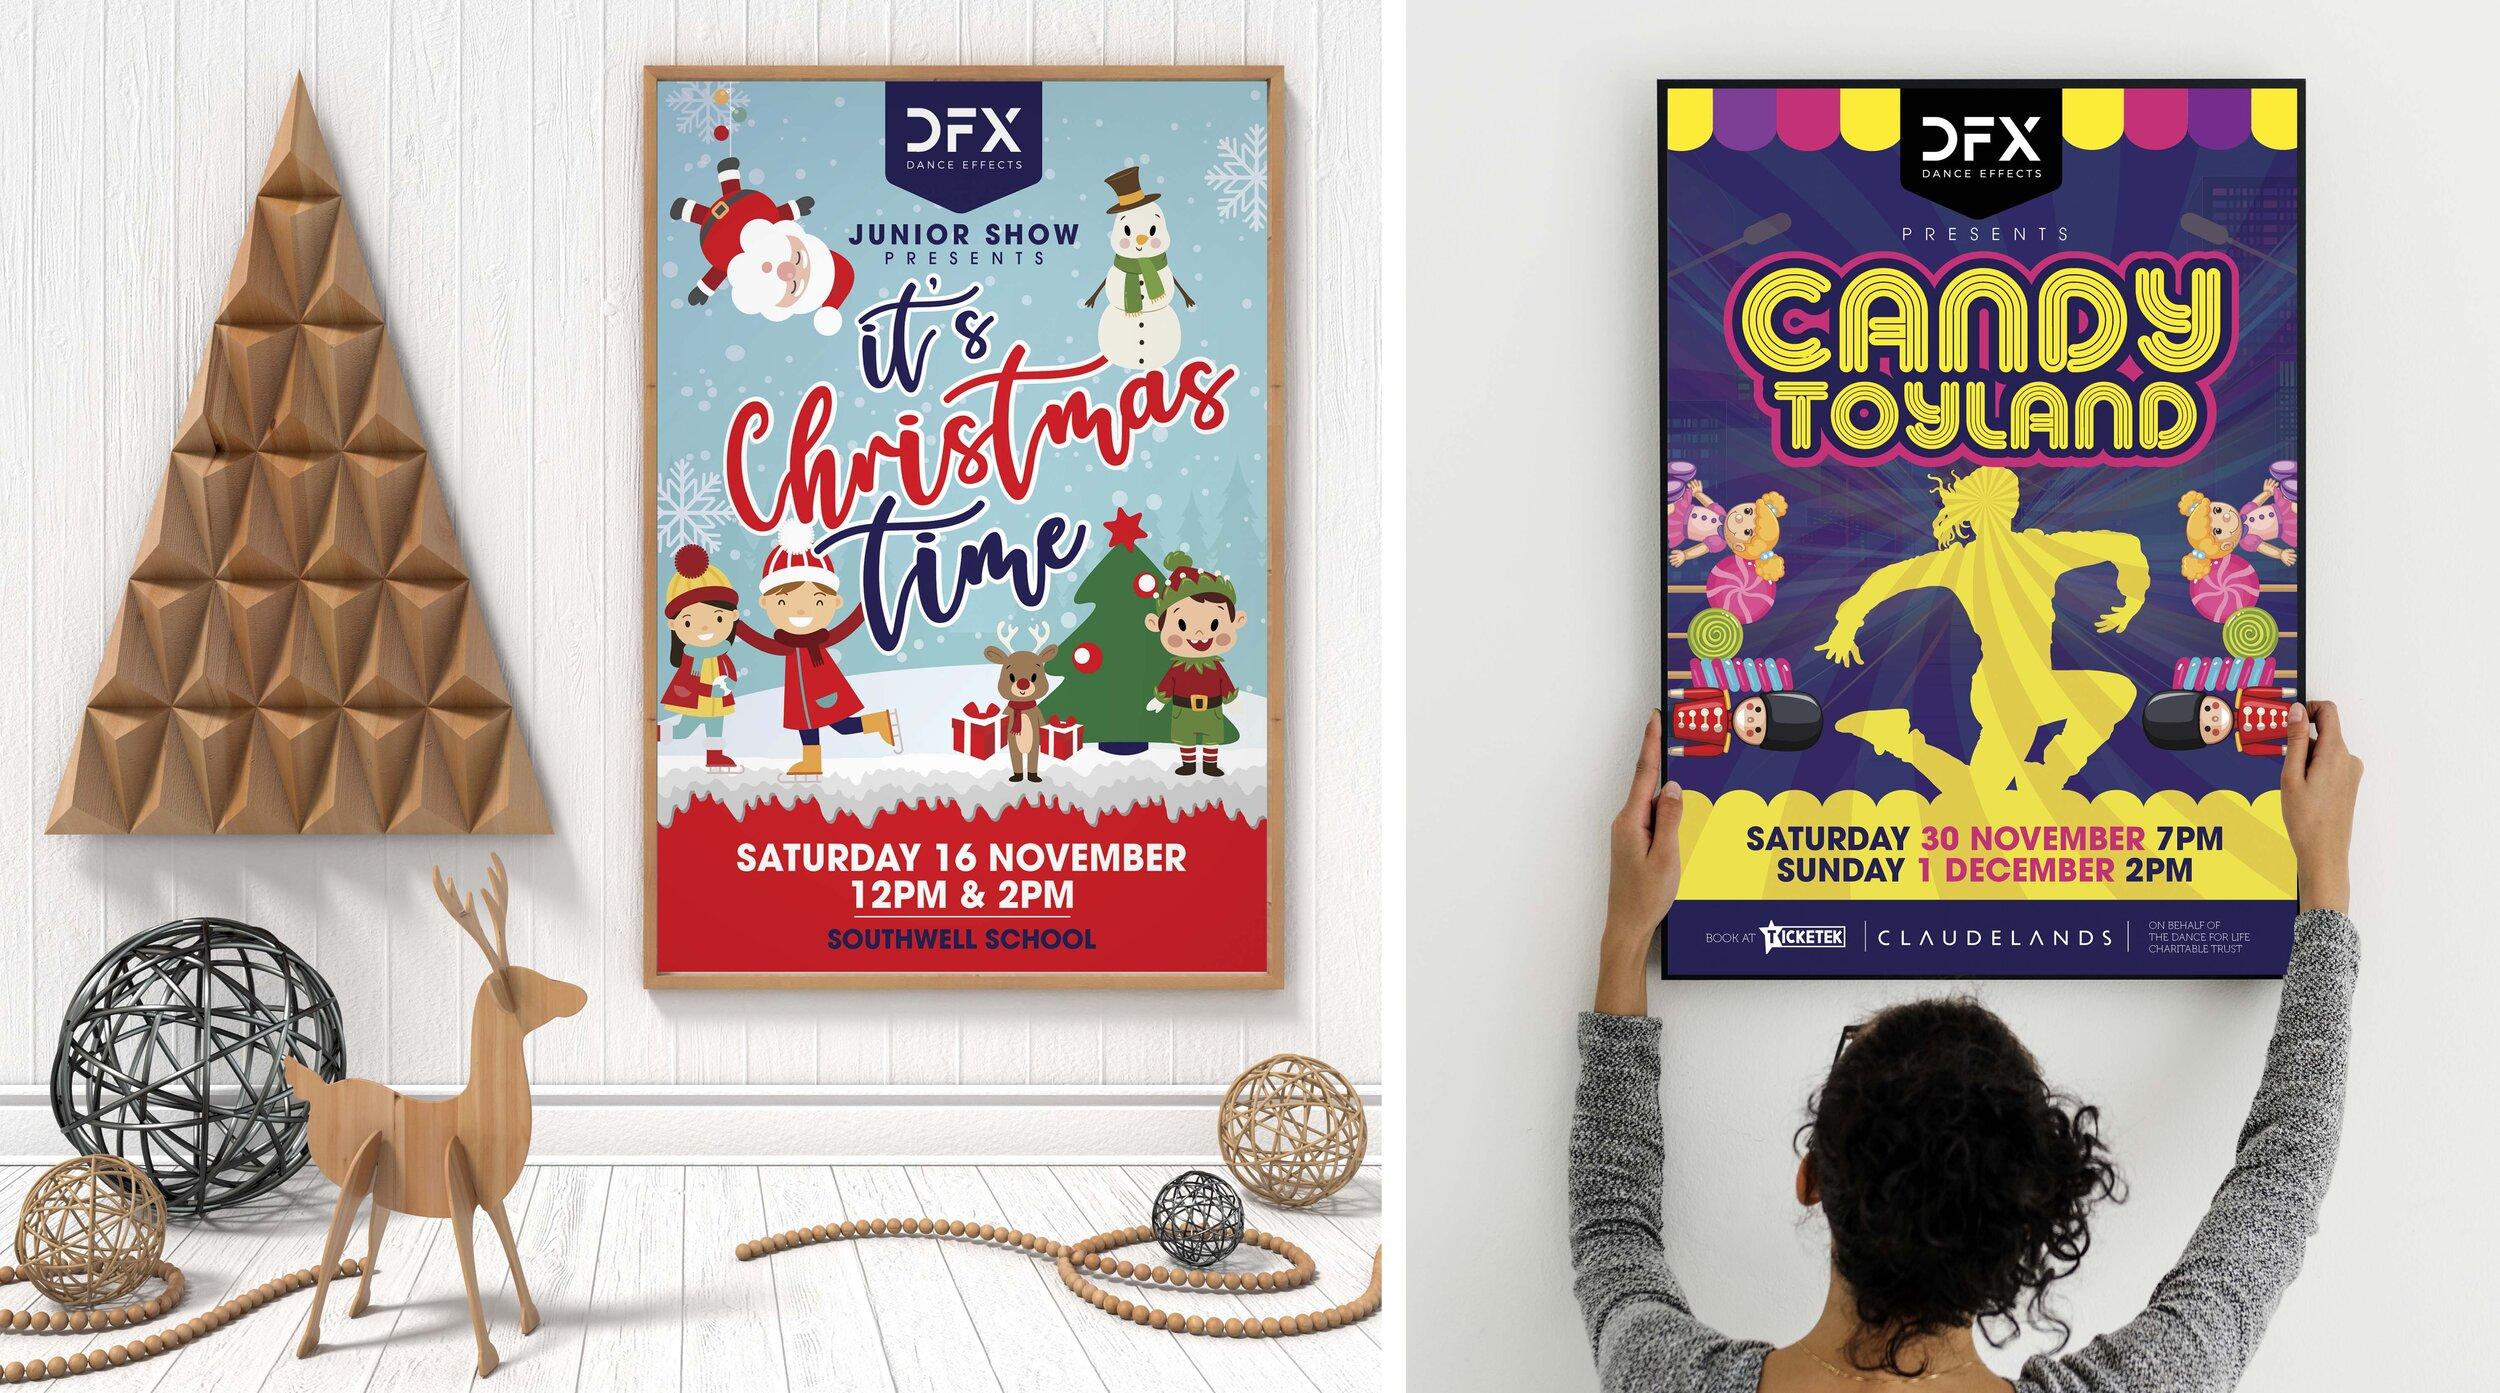 DFX_Show posters 2.jpg